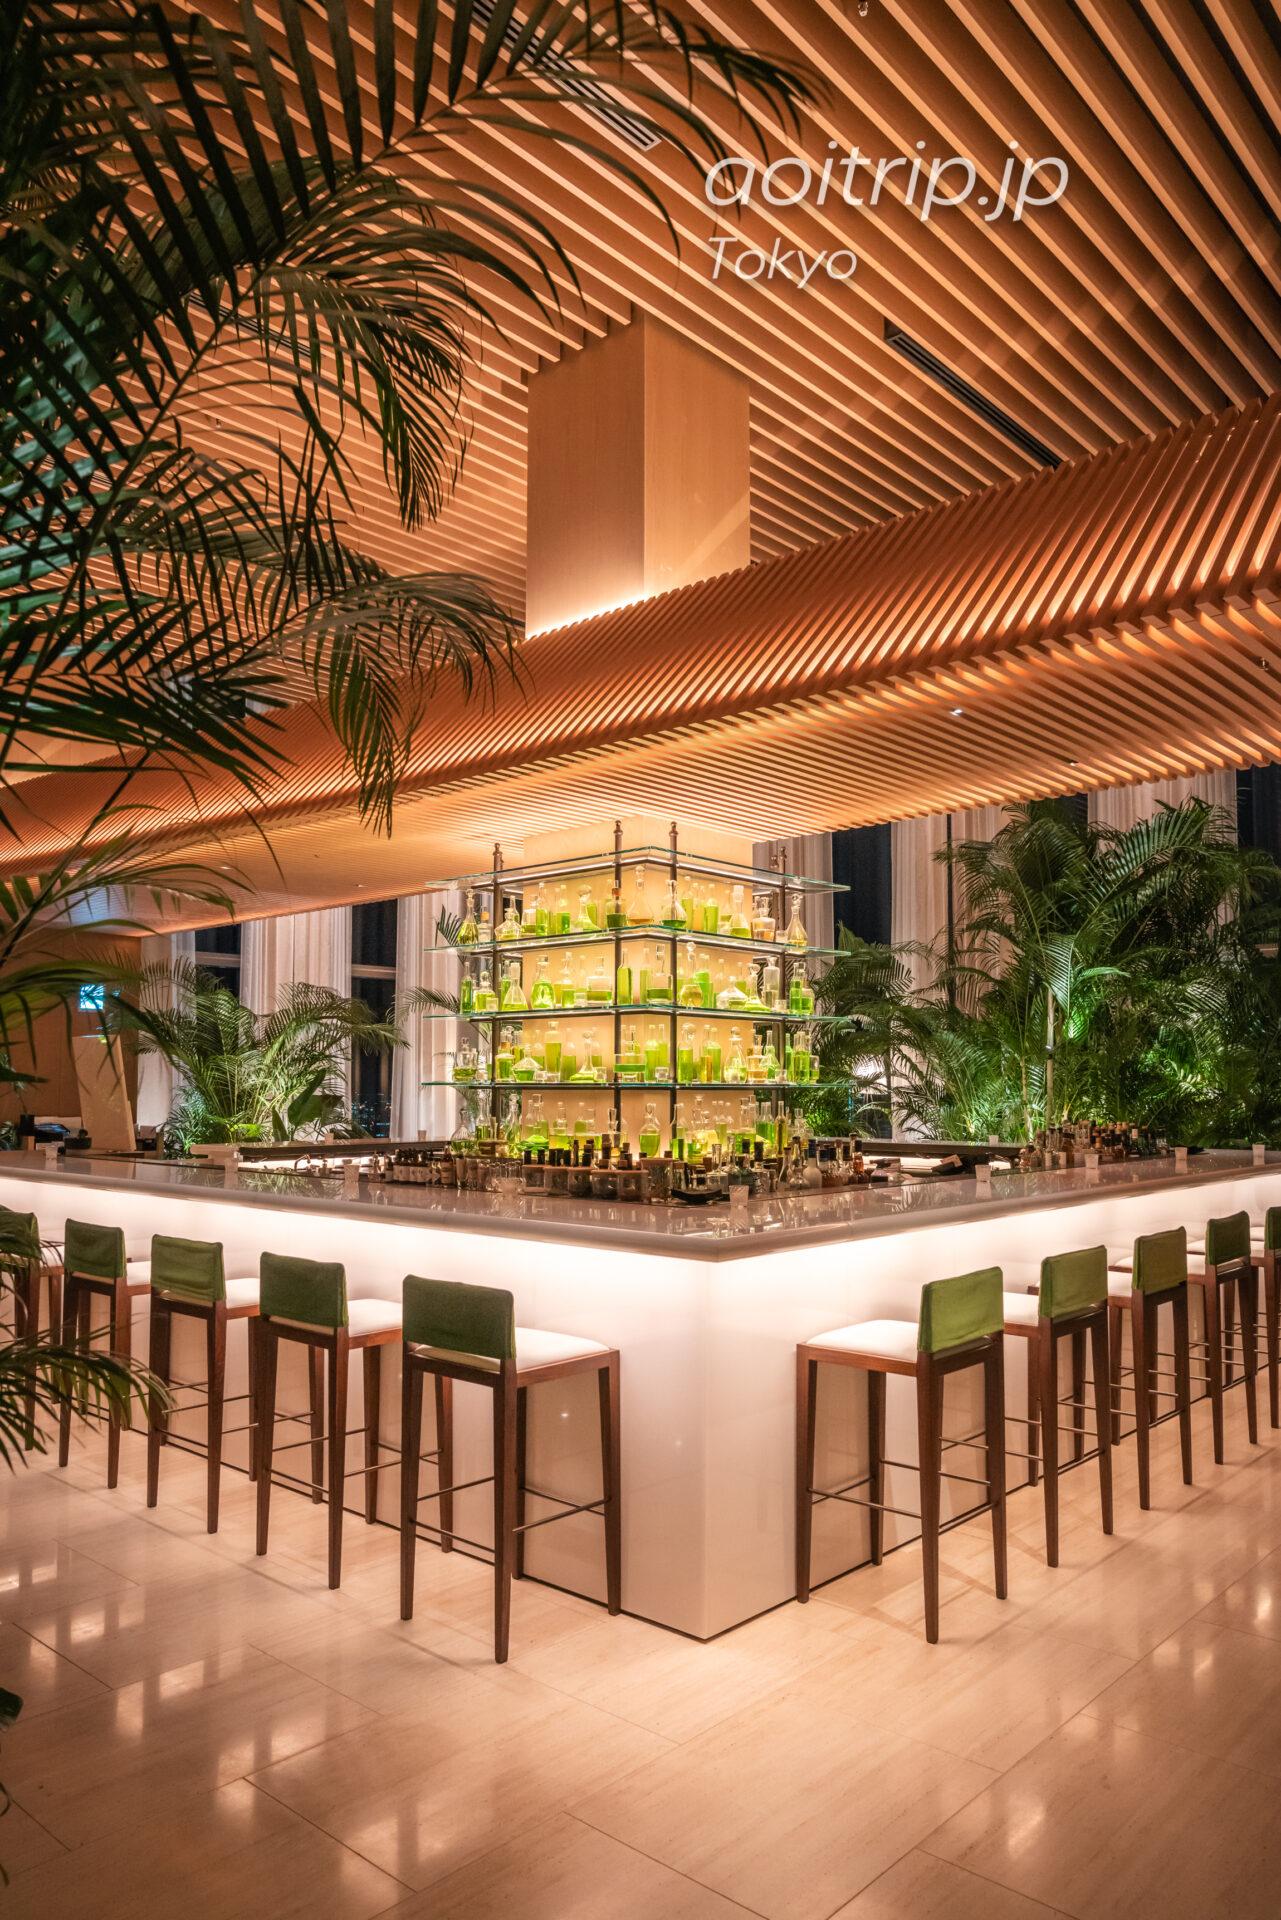 東京エディション虎ノ門 建築家 隈研吾氏が設計した寺院から着想を得た天井部の「大和張り」